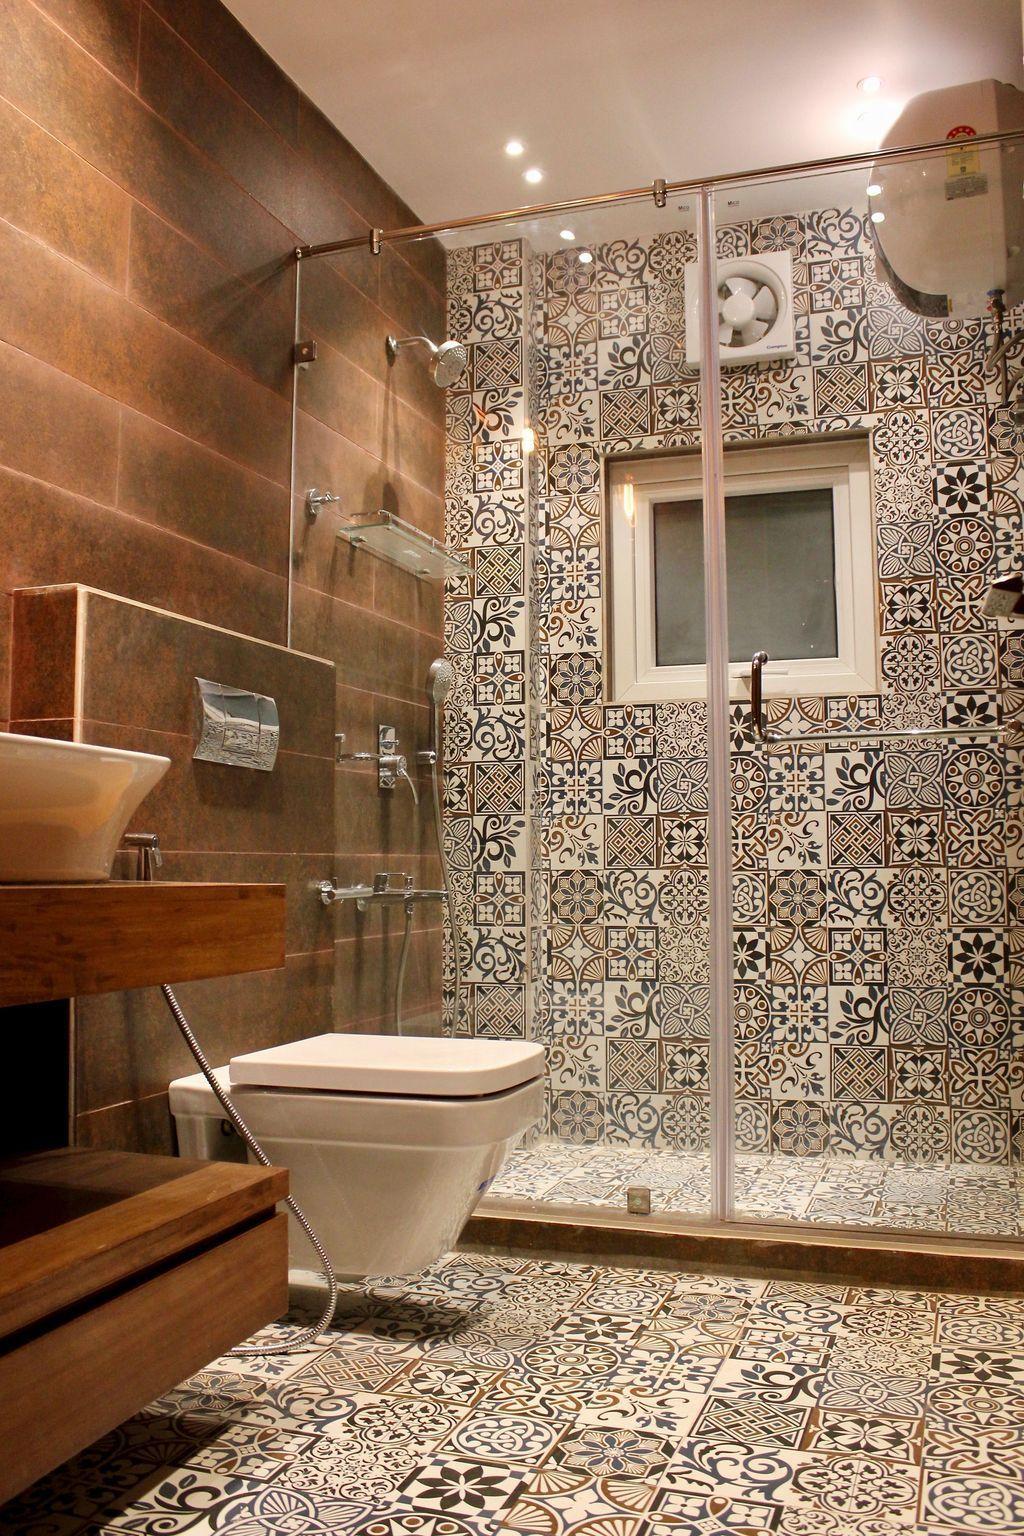 18 impresionantes ideas de patrones de azulejos de baño in 18